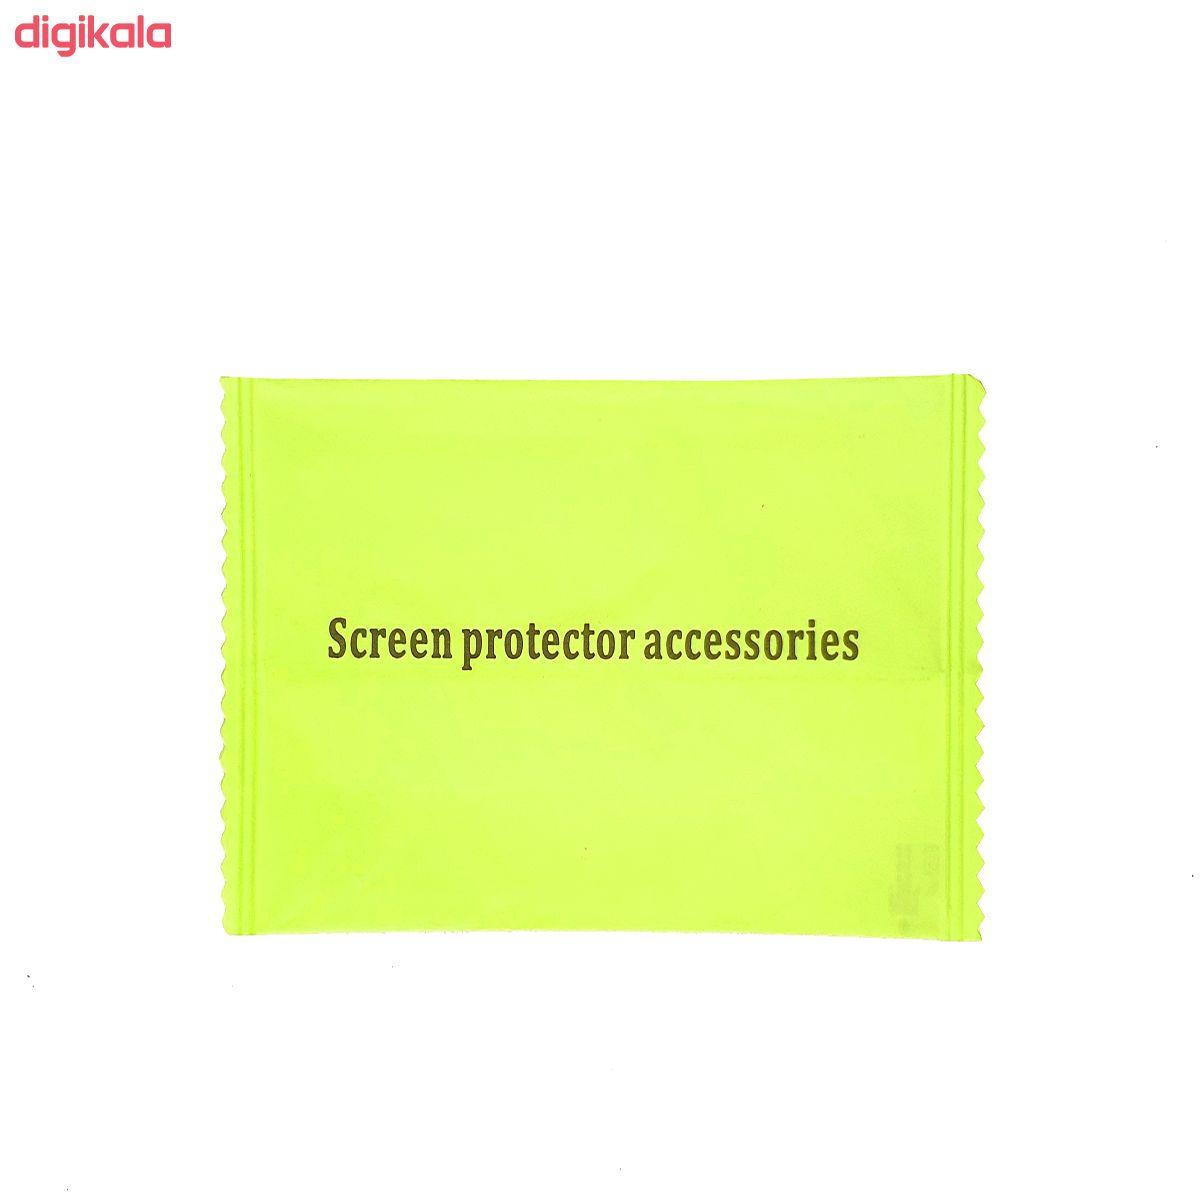 محافظ صفحه نمایش سرامیکی مدل FLCRG01pr مناسب برای گوشی موبایل شیائومی Redmi Note 9 Pro main 1 2